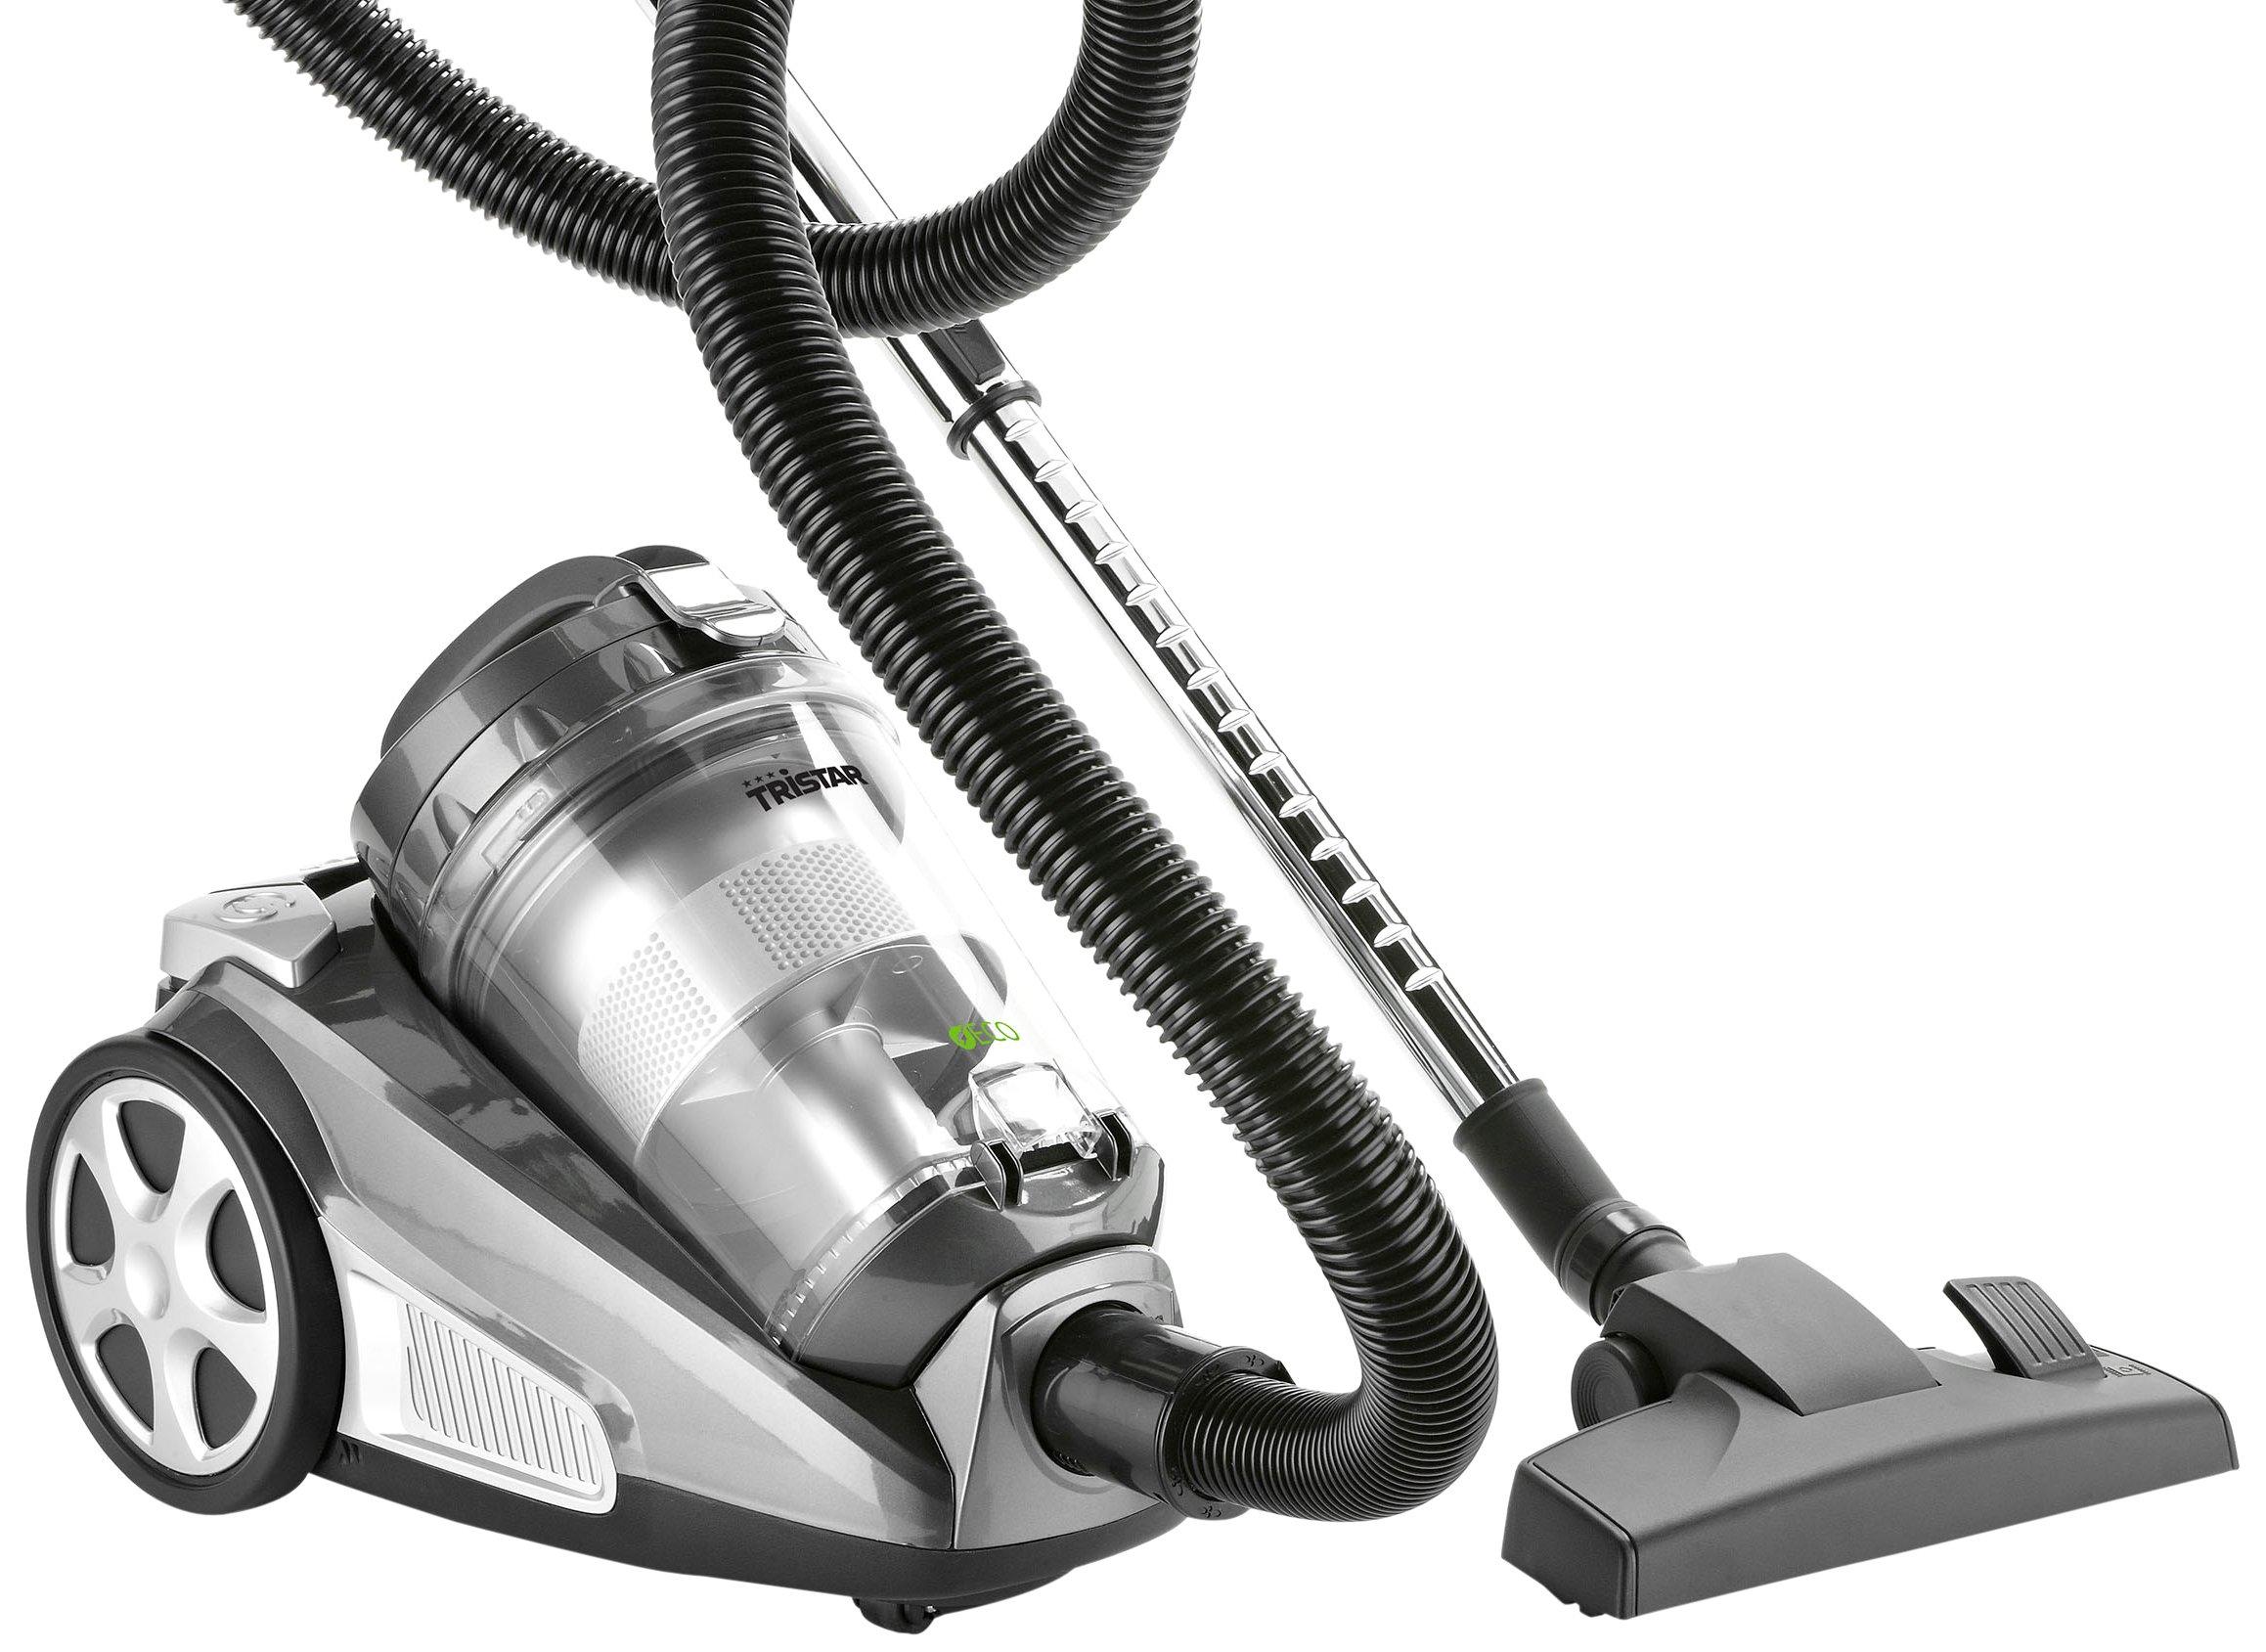 Tristar SZ-2135 Aspirador Multi Ciclónico, 1000 W, 3 liters, 77 Decibelios, Negro, Gris: Amazon.es: Hogar